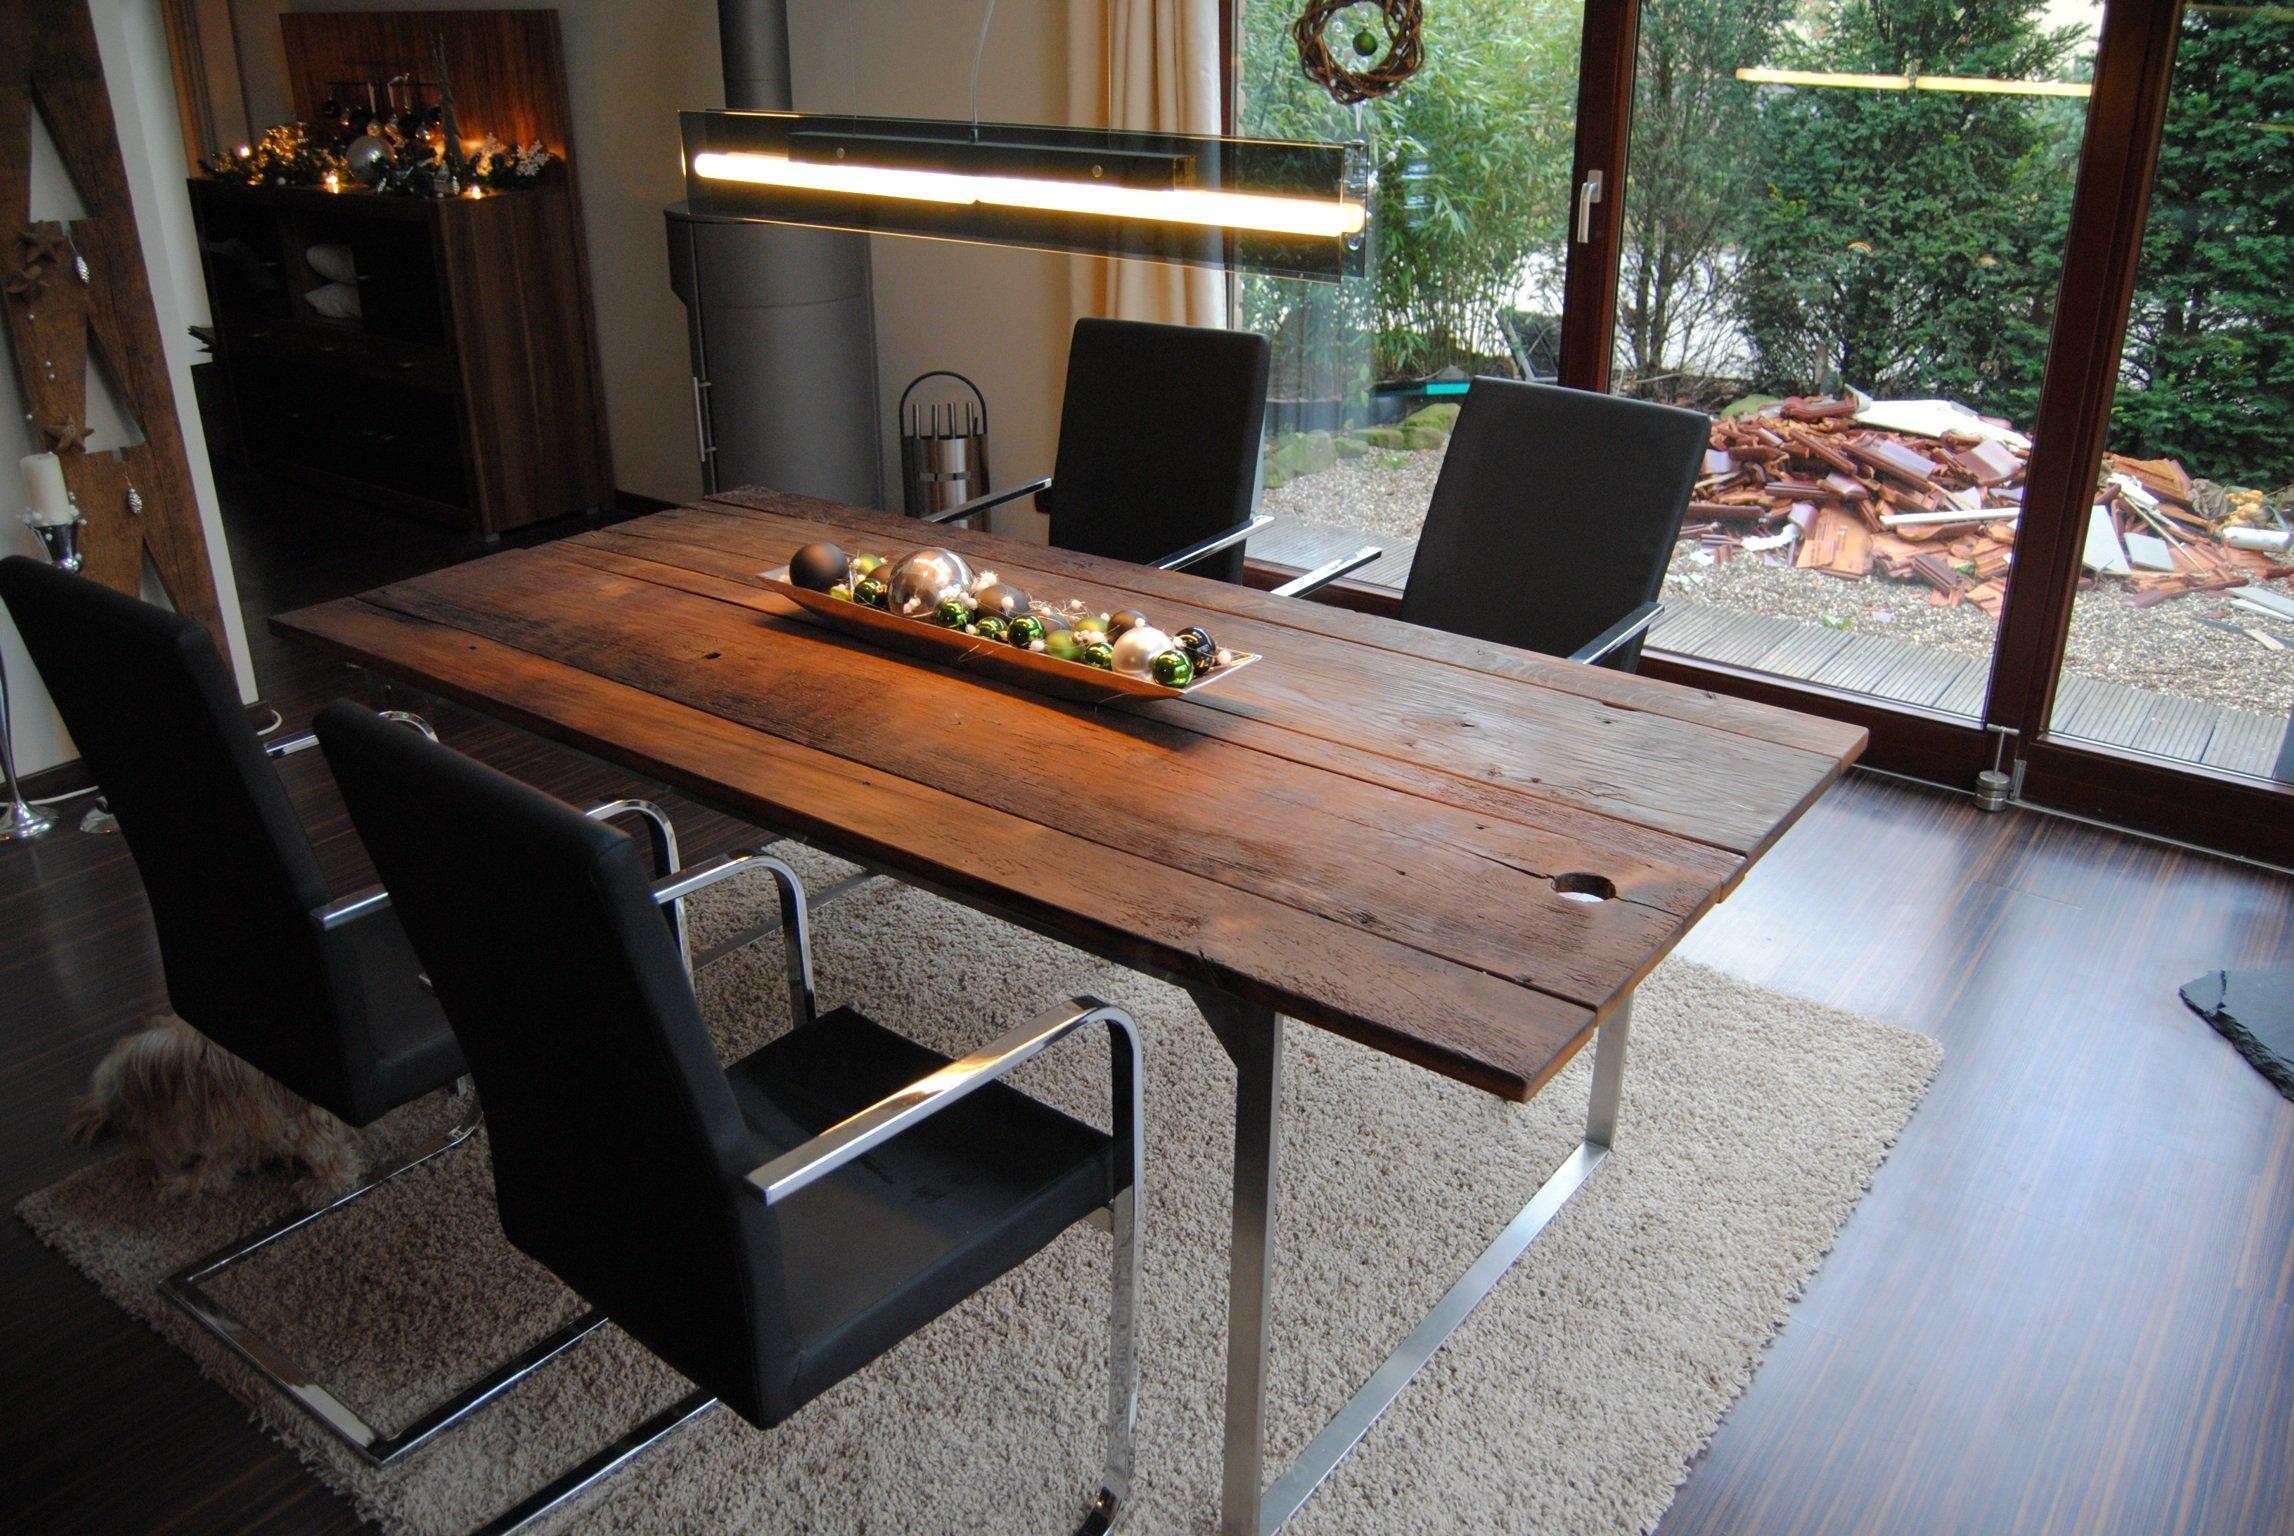 esstisch mit edelstahlgestell und bohlen als tischplatte aus 250 jahre alten eiche konzepte. Black Bedroom Furniture Sets. Home Design Ideas